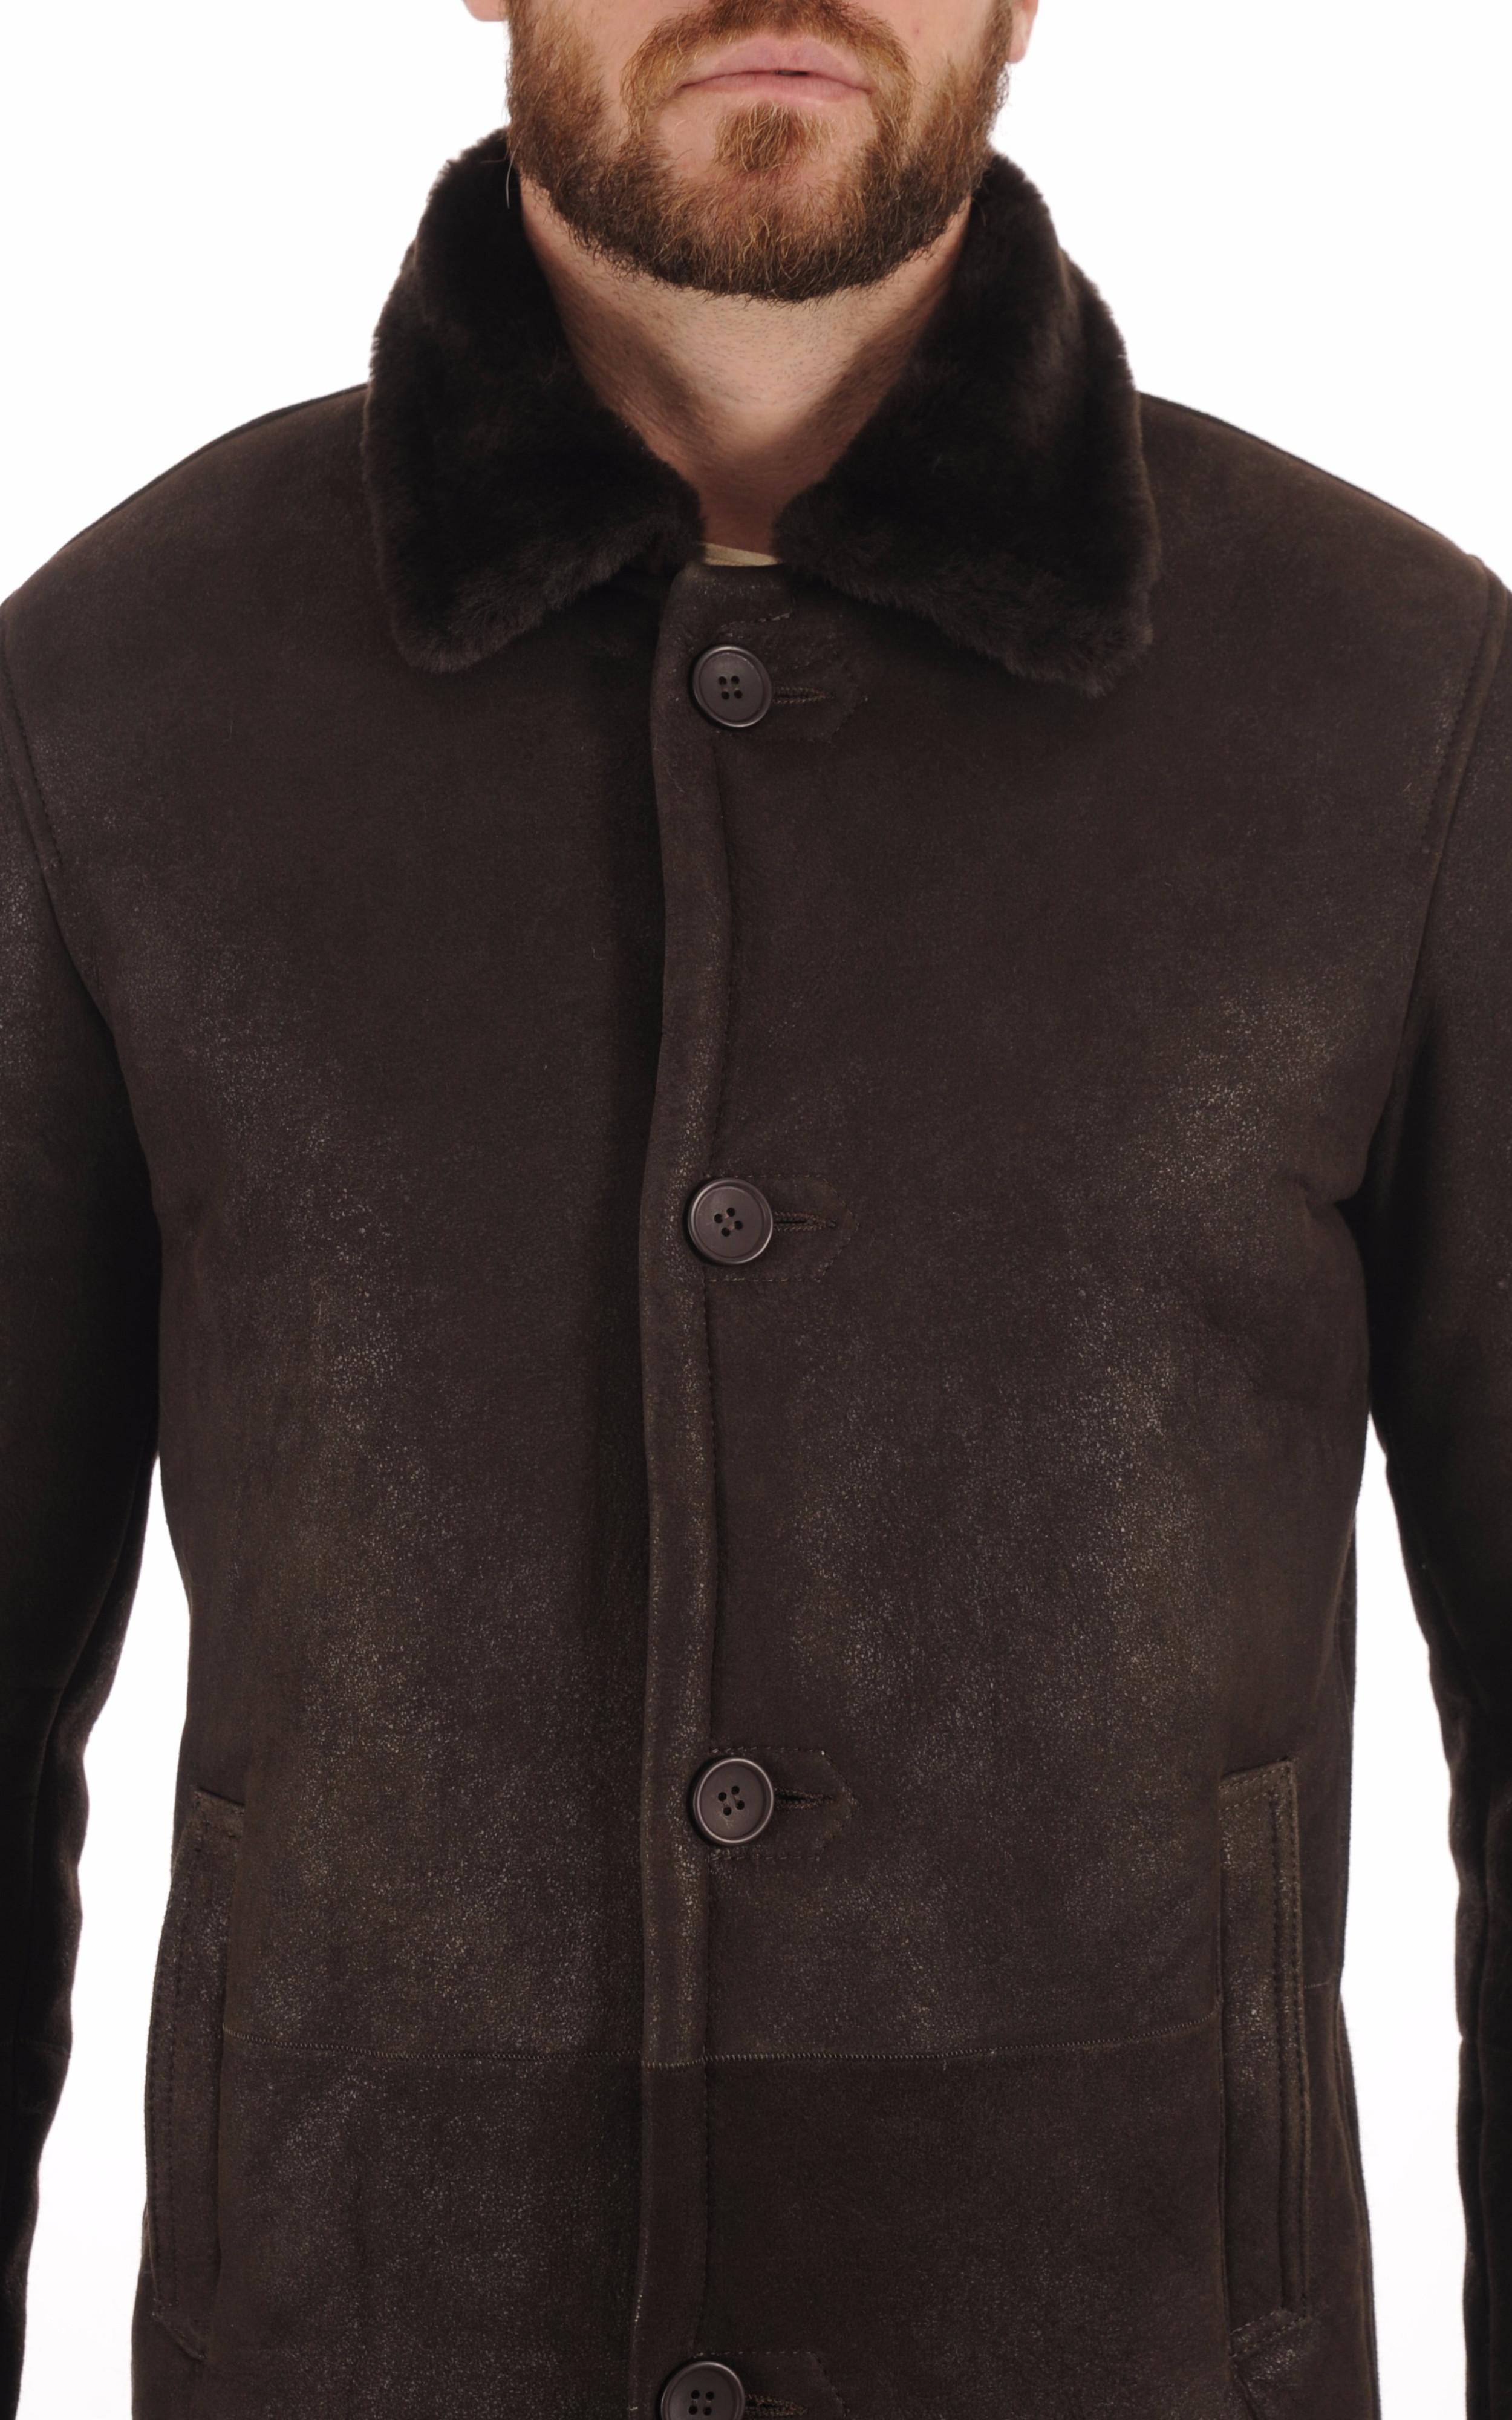 Veste en Peau lainée Marron Homme Smarty